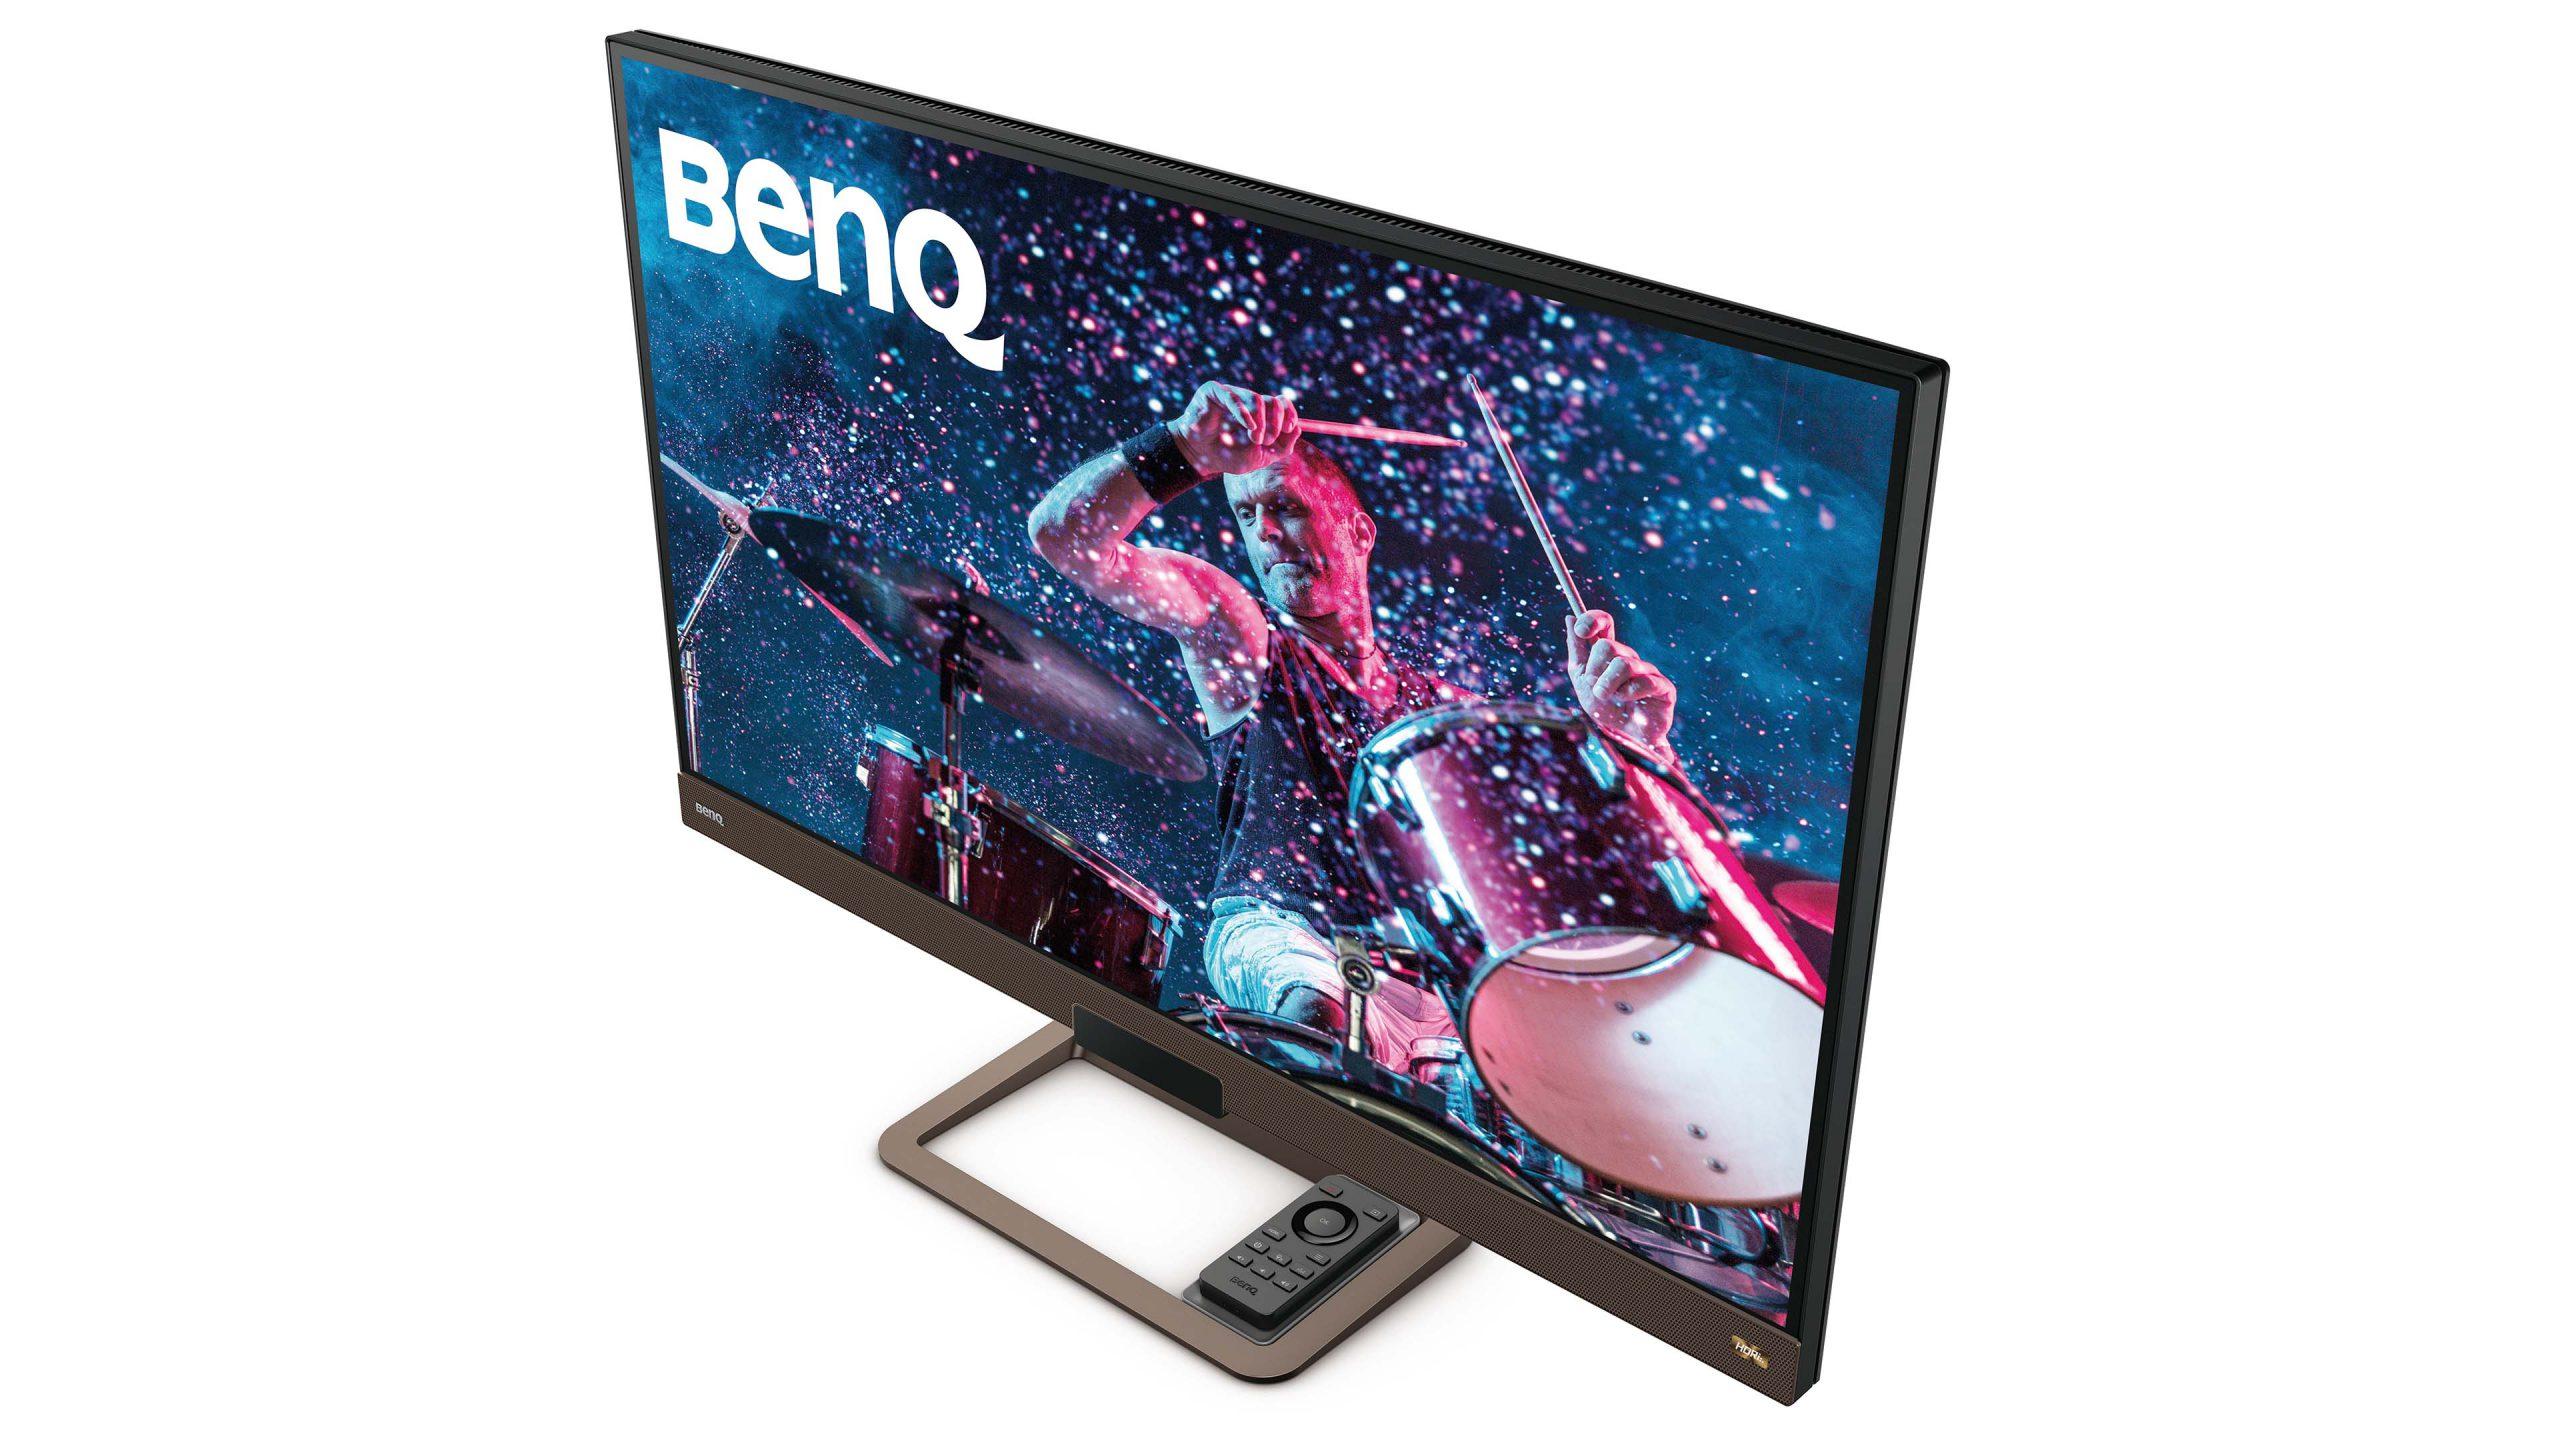 BenQ EW3280U top view